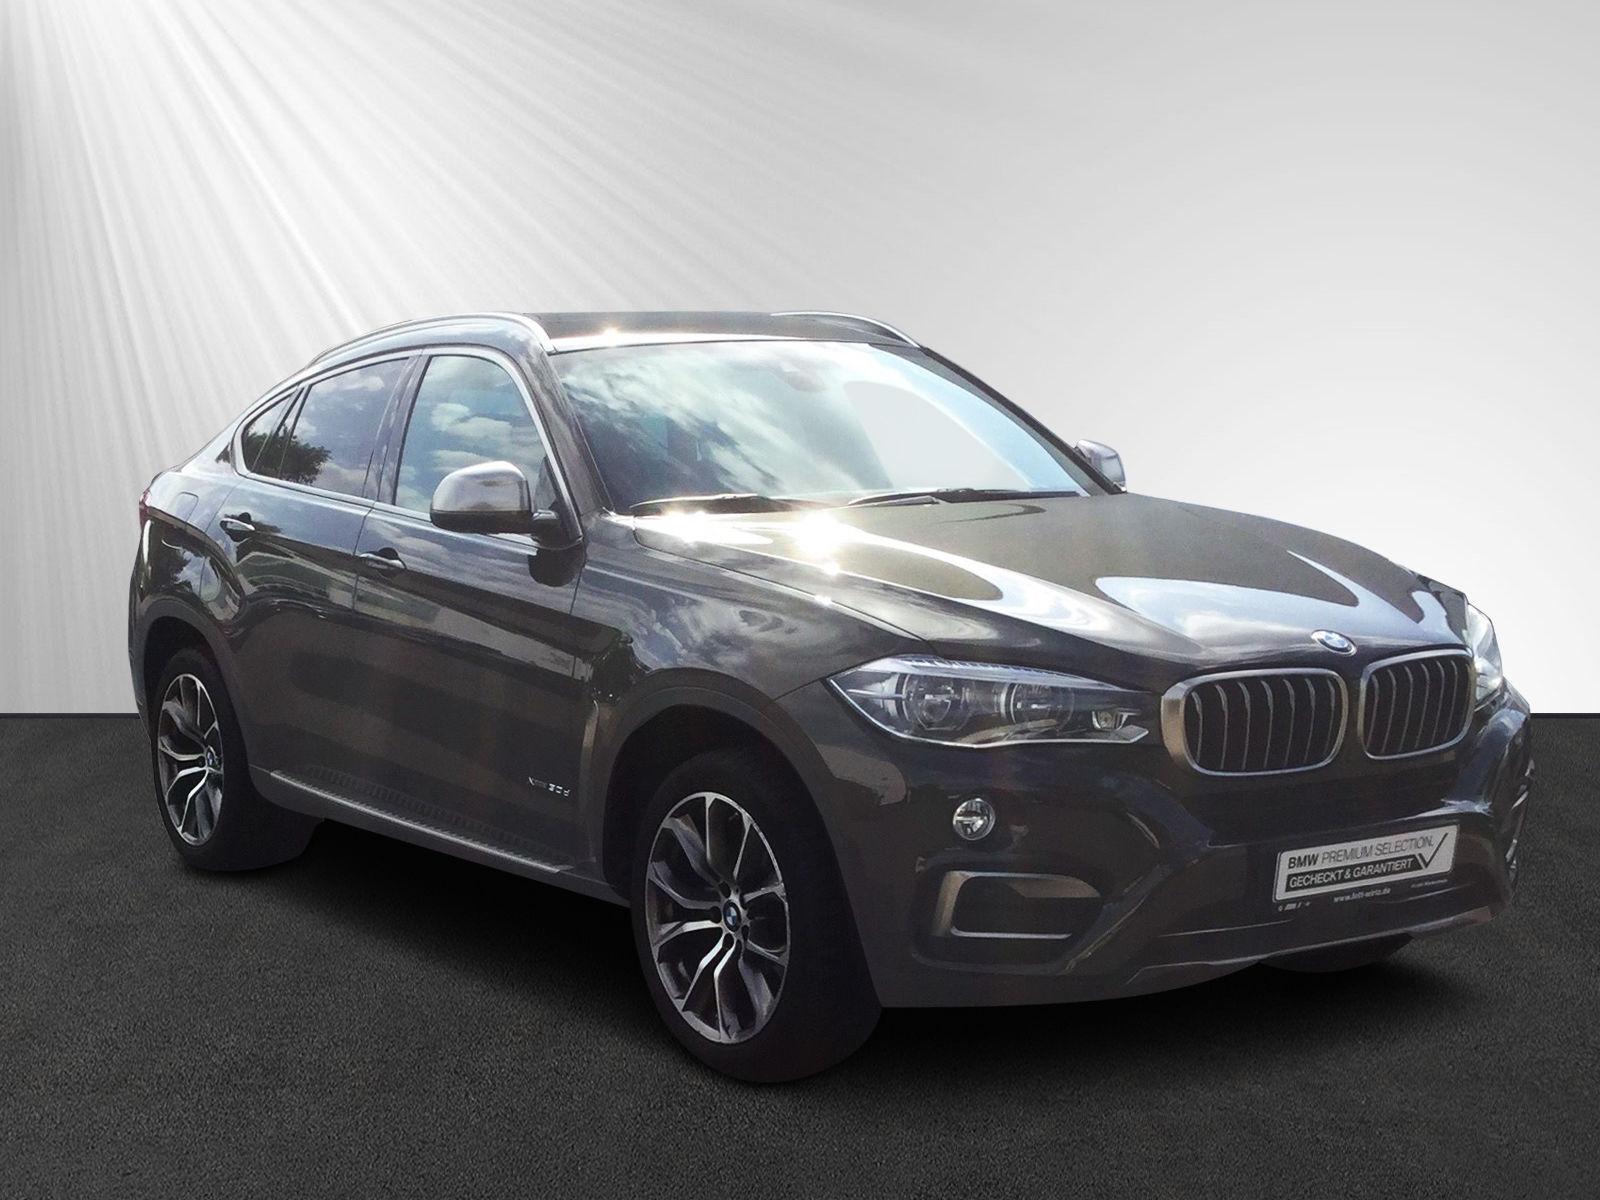 BMW X6 xDrive30d Navi Komfortsitze Rkam LED HUD, Jahr 2016, diesel